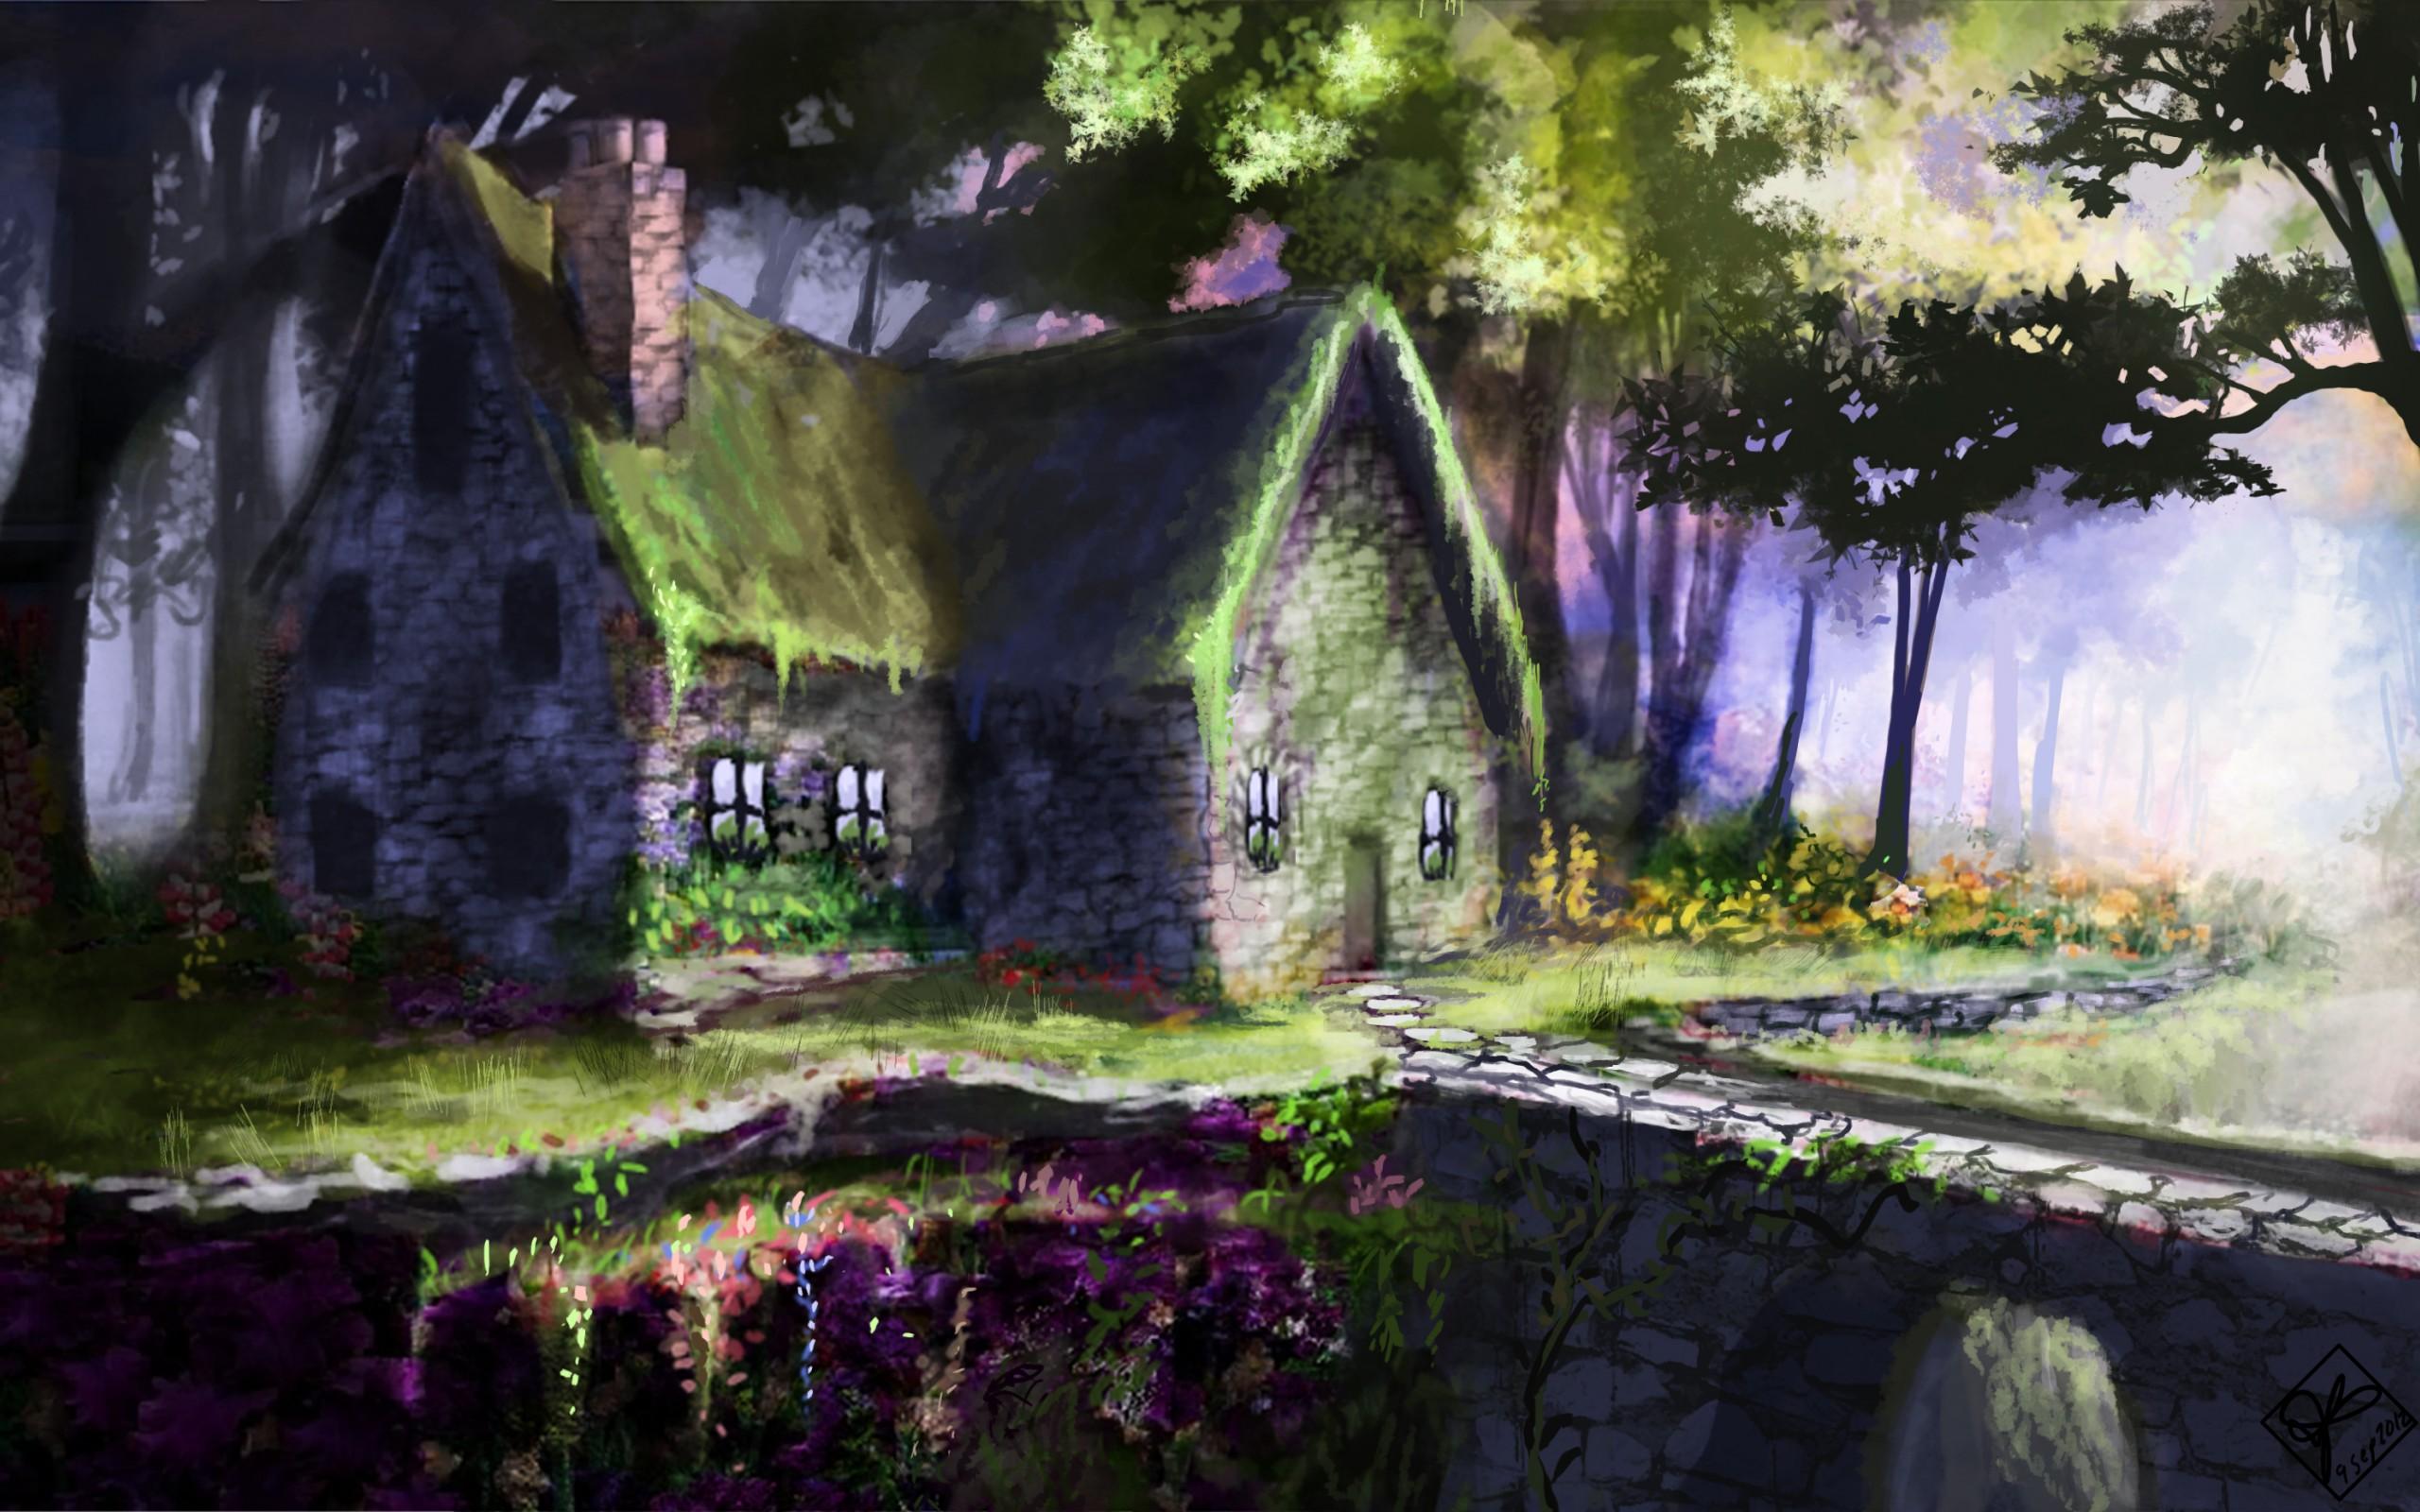 Art house bridge landscape flowers buildings flowers - Fantasy wallpaper bridge ...